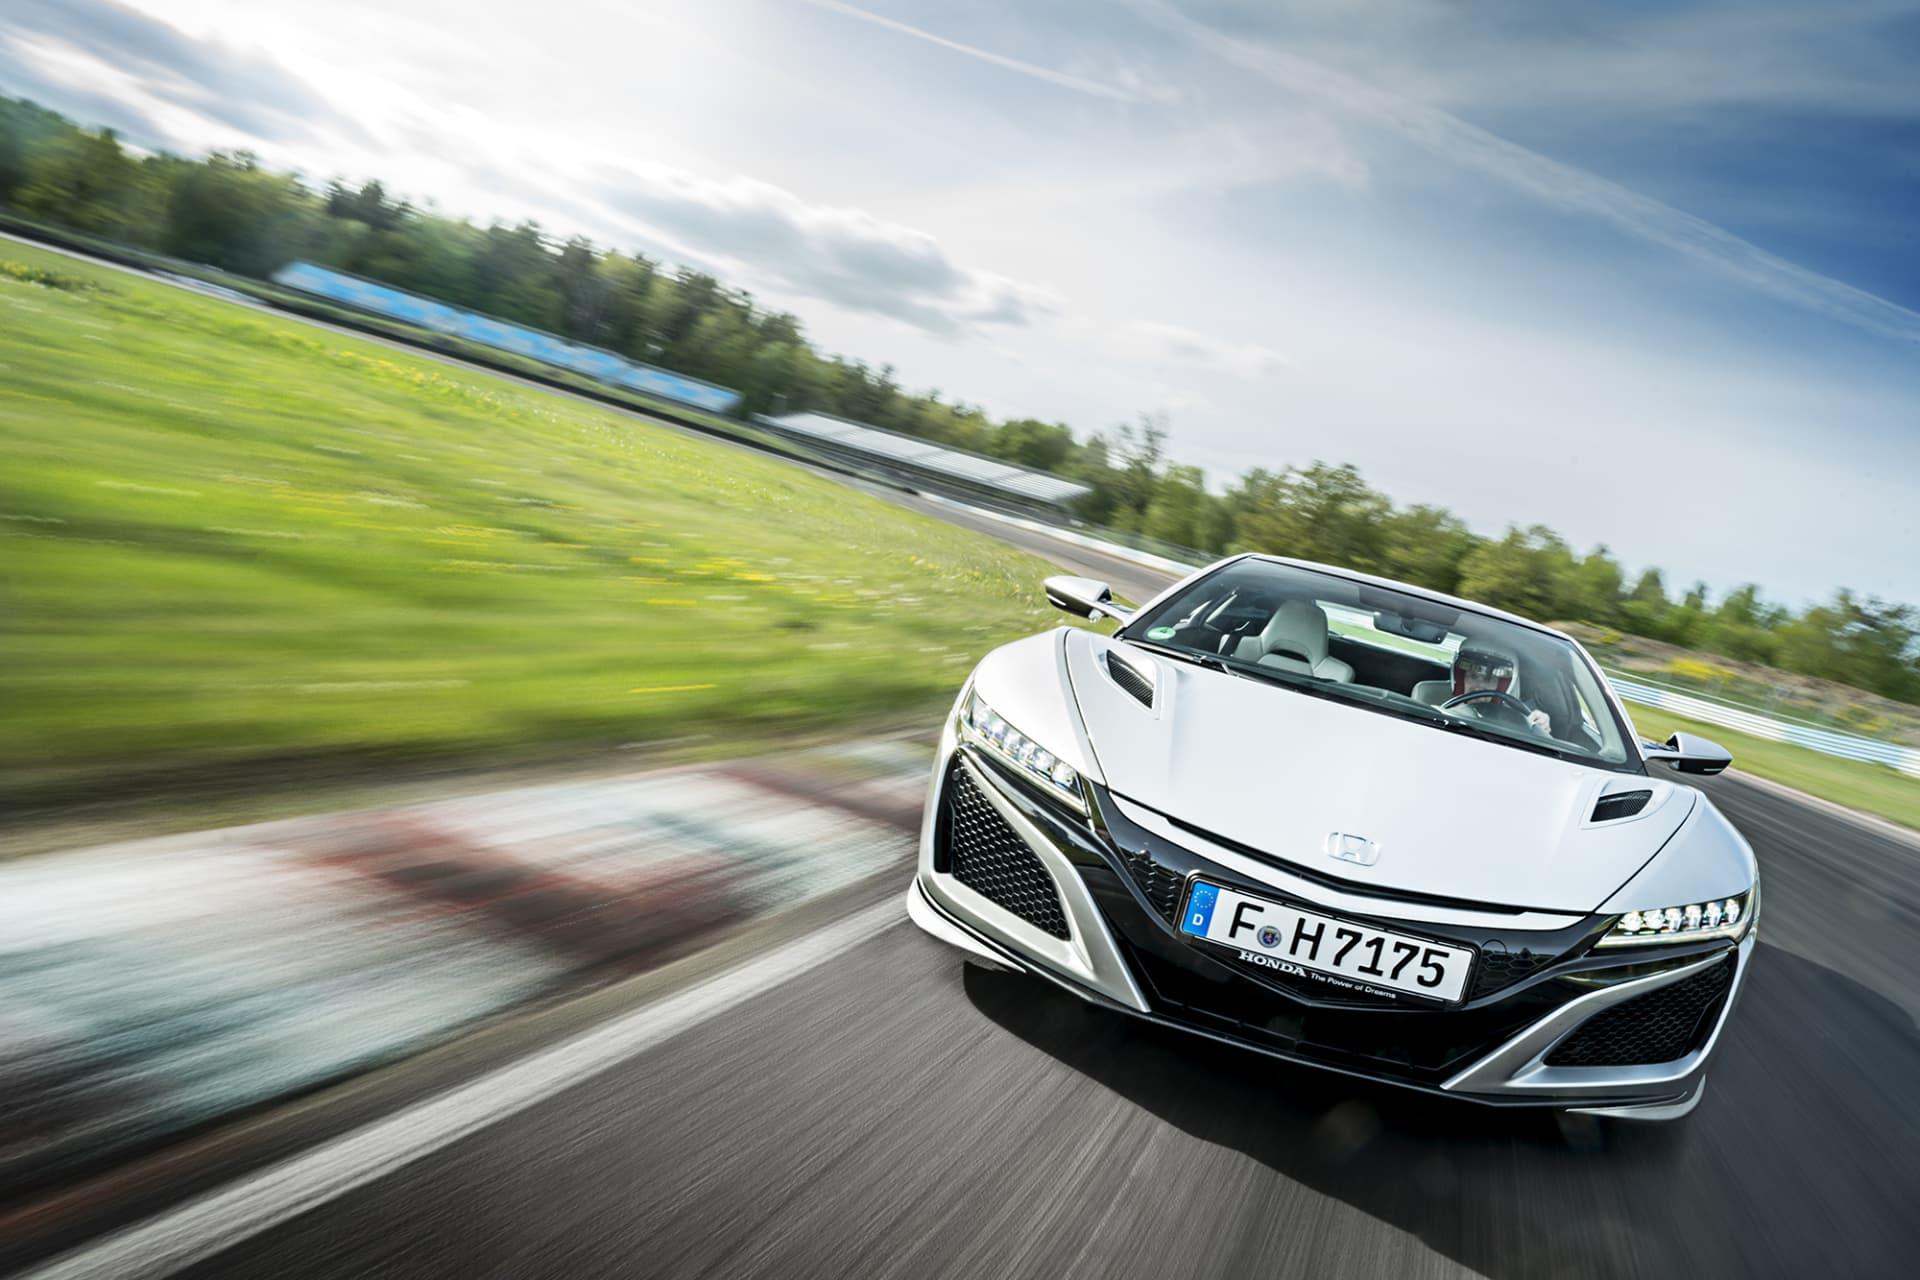 Med modellen NSX återupplivar Honda en mycket uppskattad supersportbil och bland de enda som som kommit från Japan.